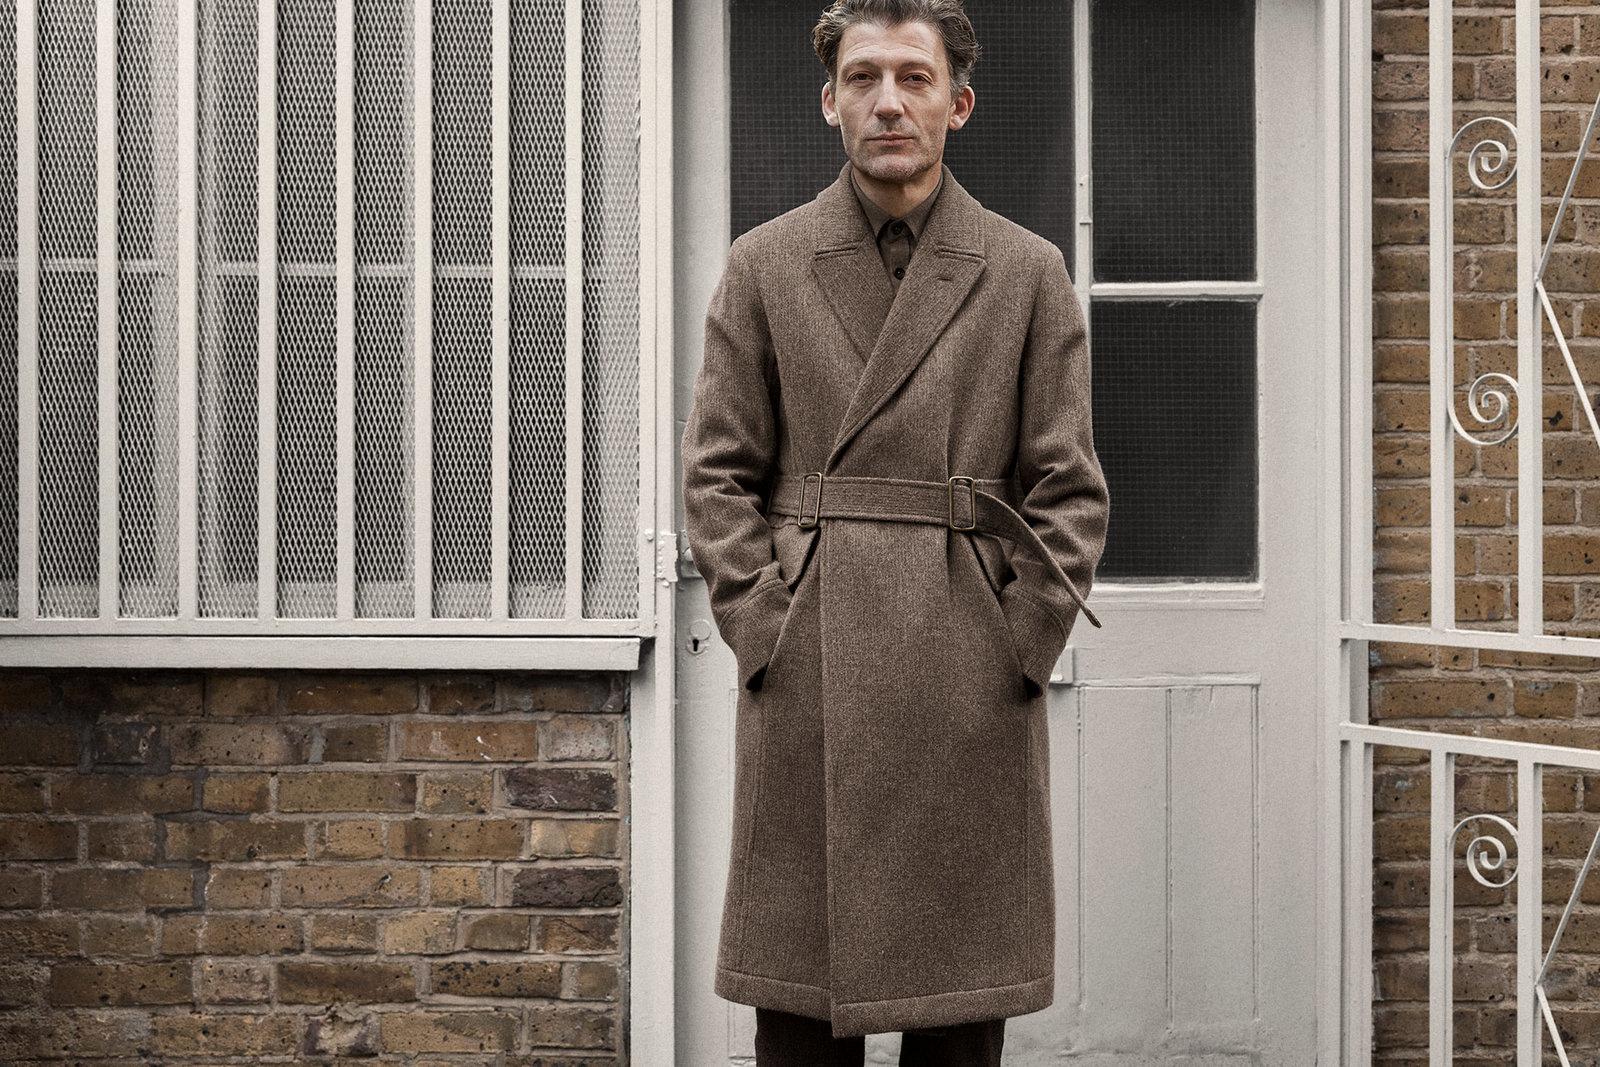 tielocken-woollen-bedford-cord-malt-worn-1@2x.jpg